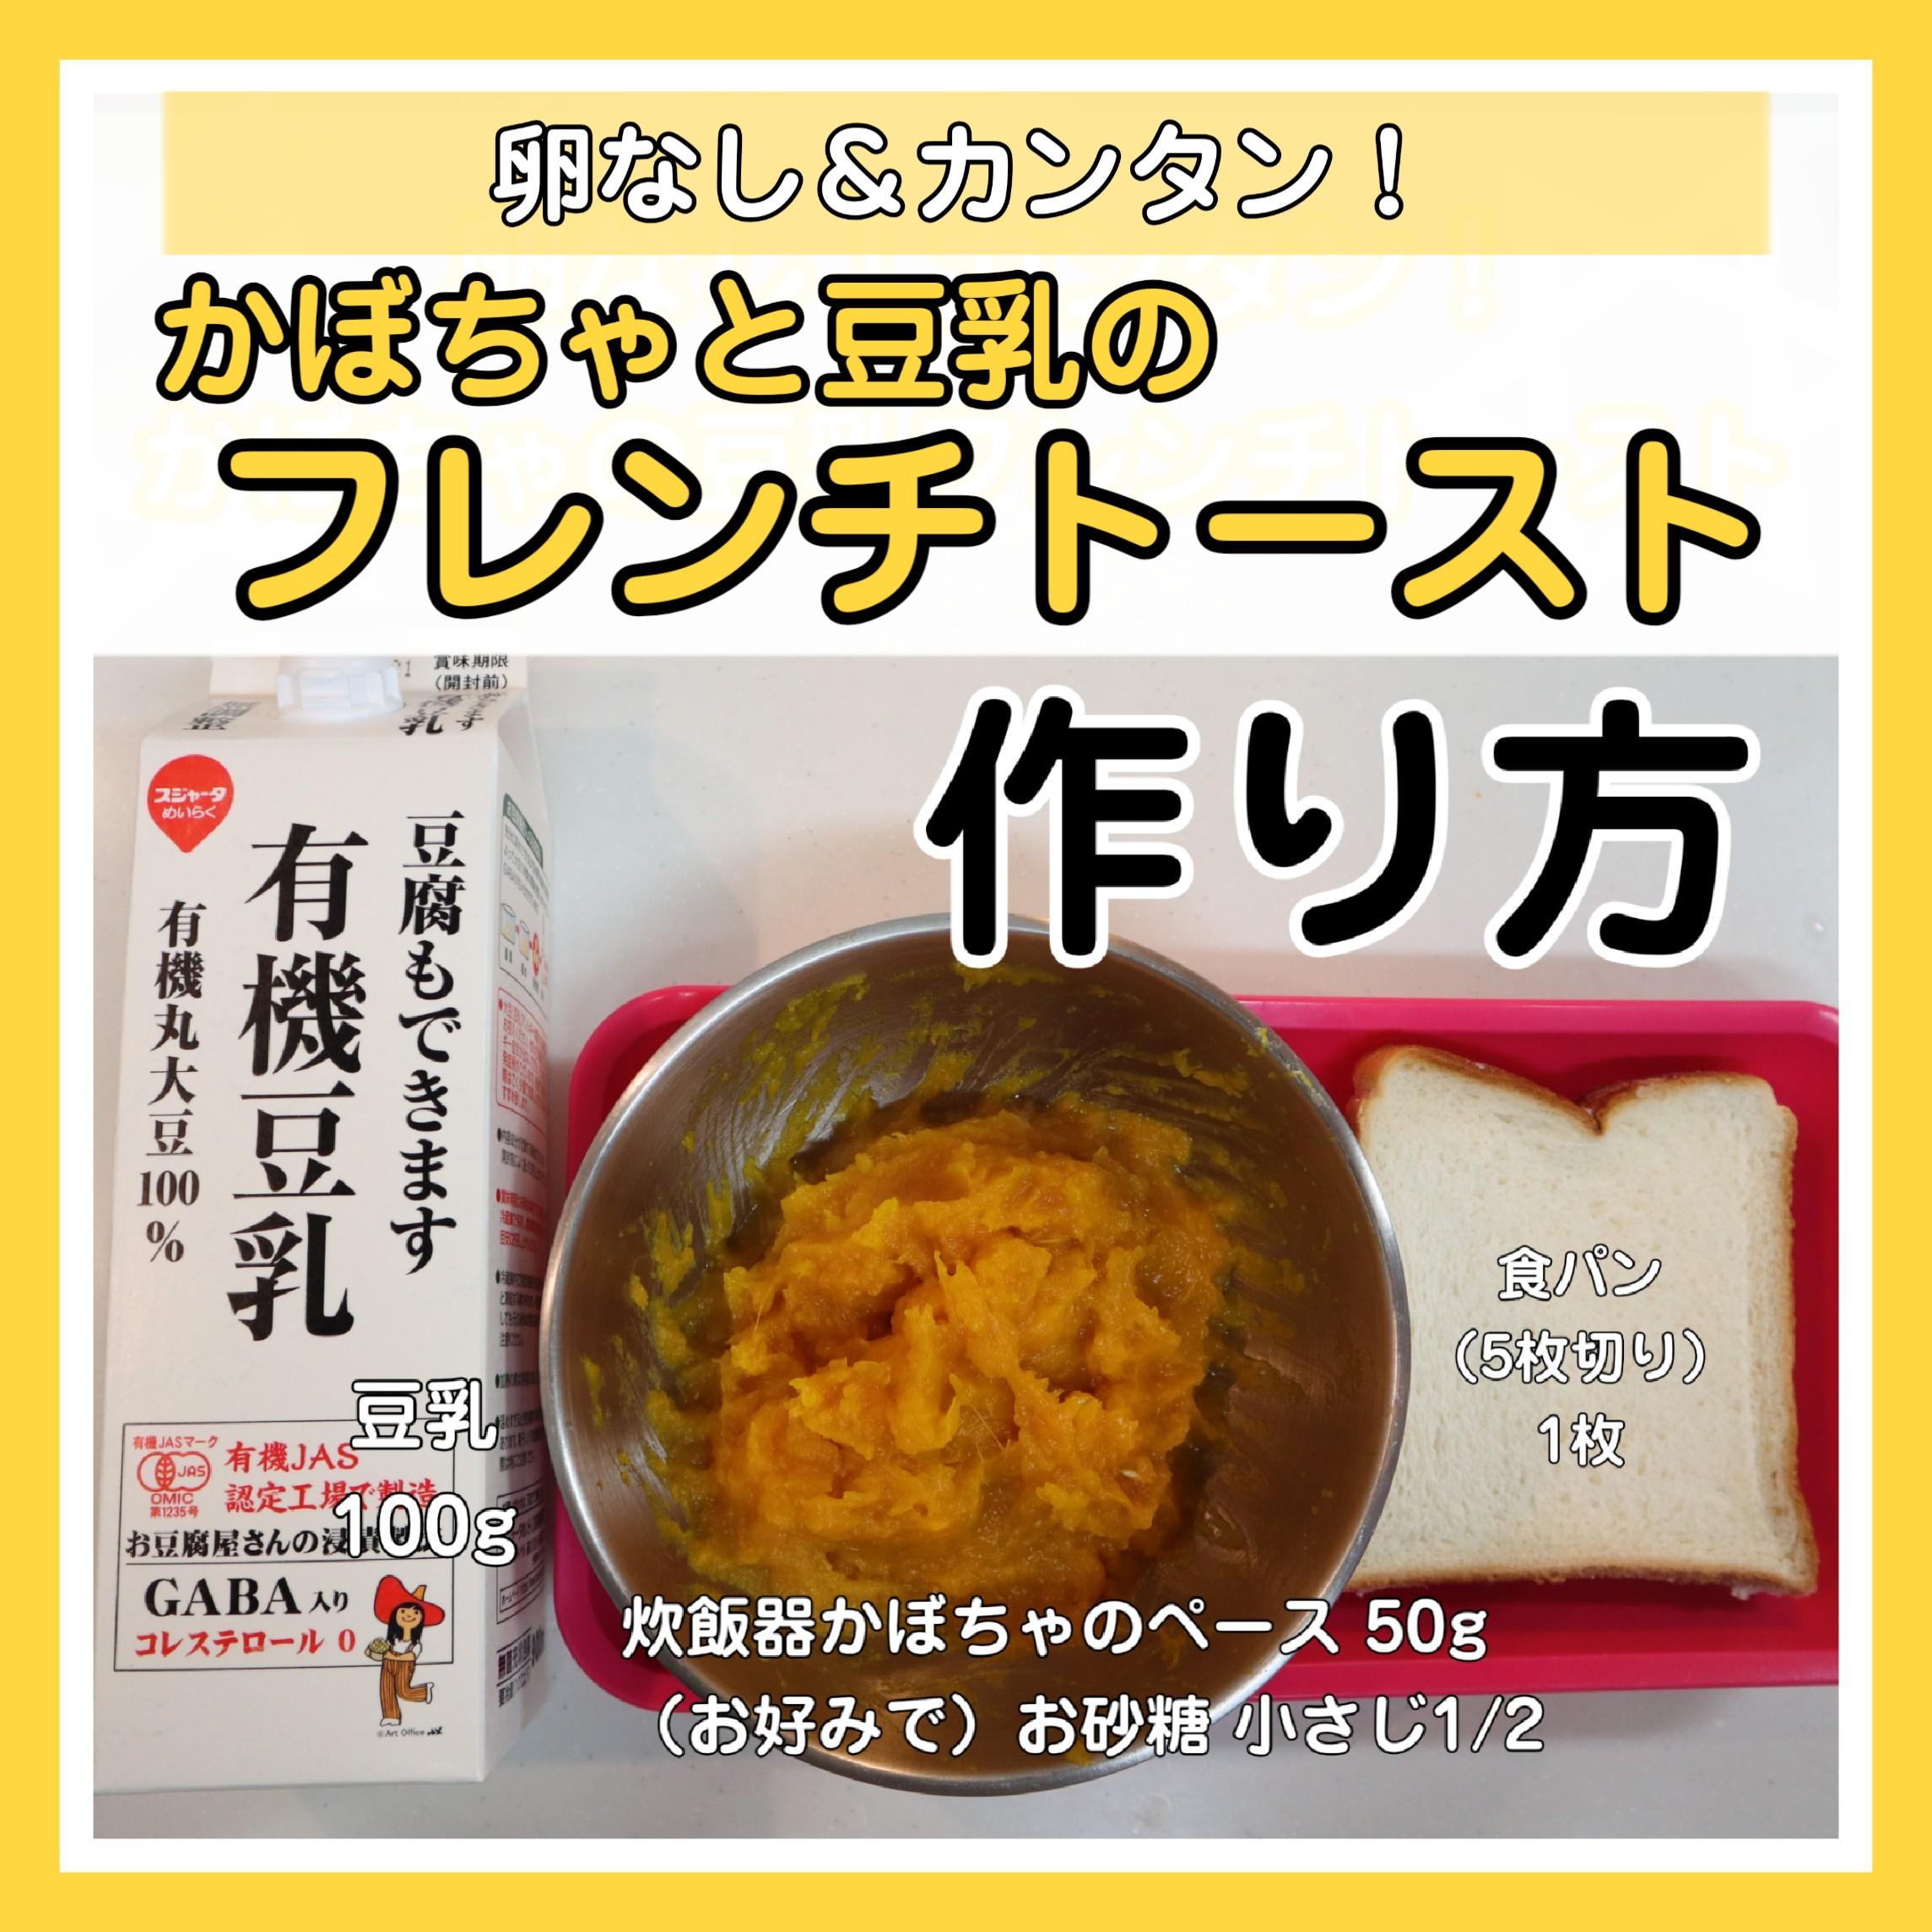 【レシピ】卵なし!かんたん!かぼちゃの豆乳フレンチトースト